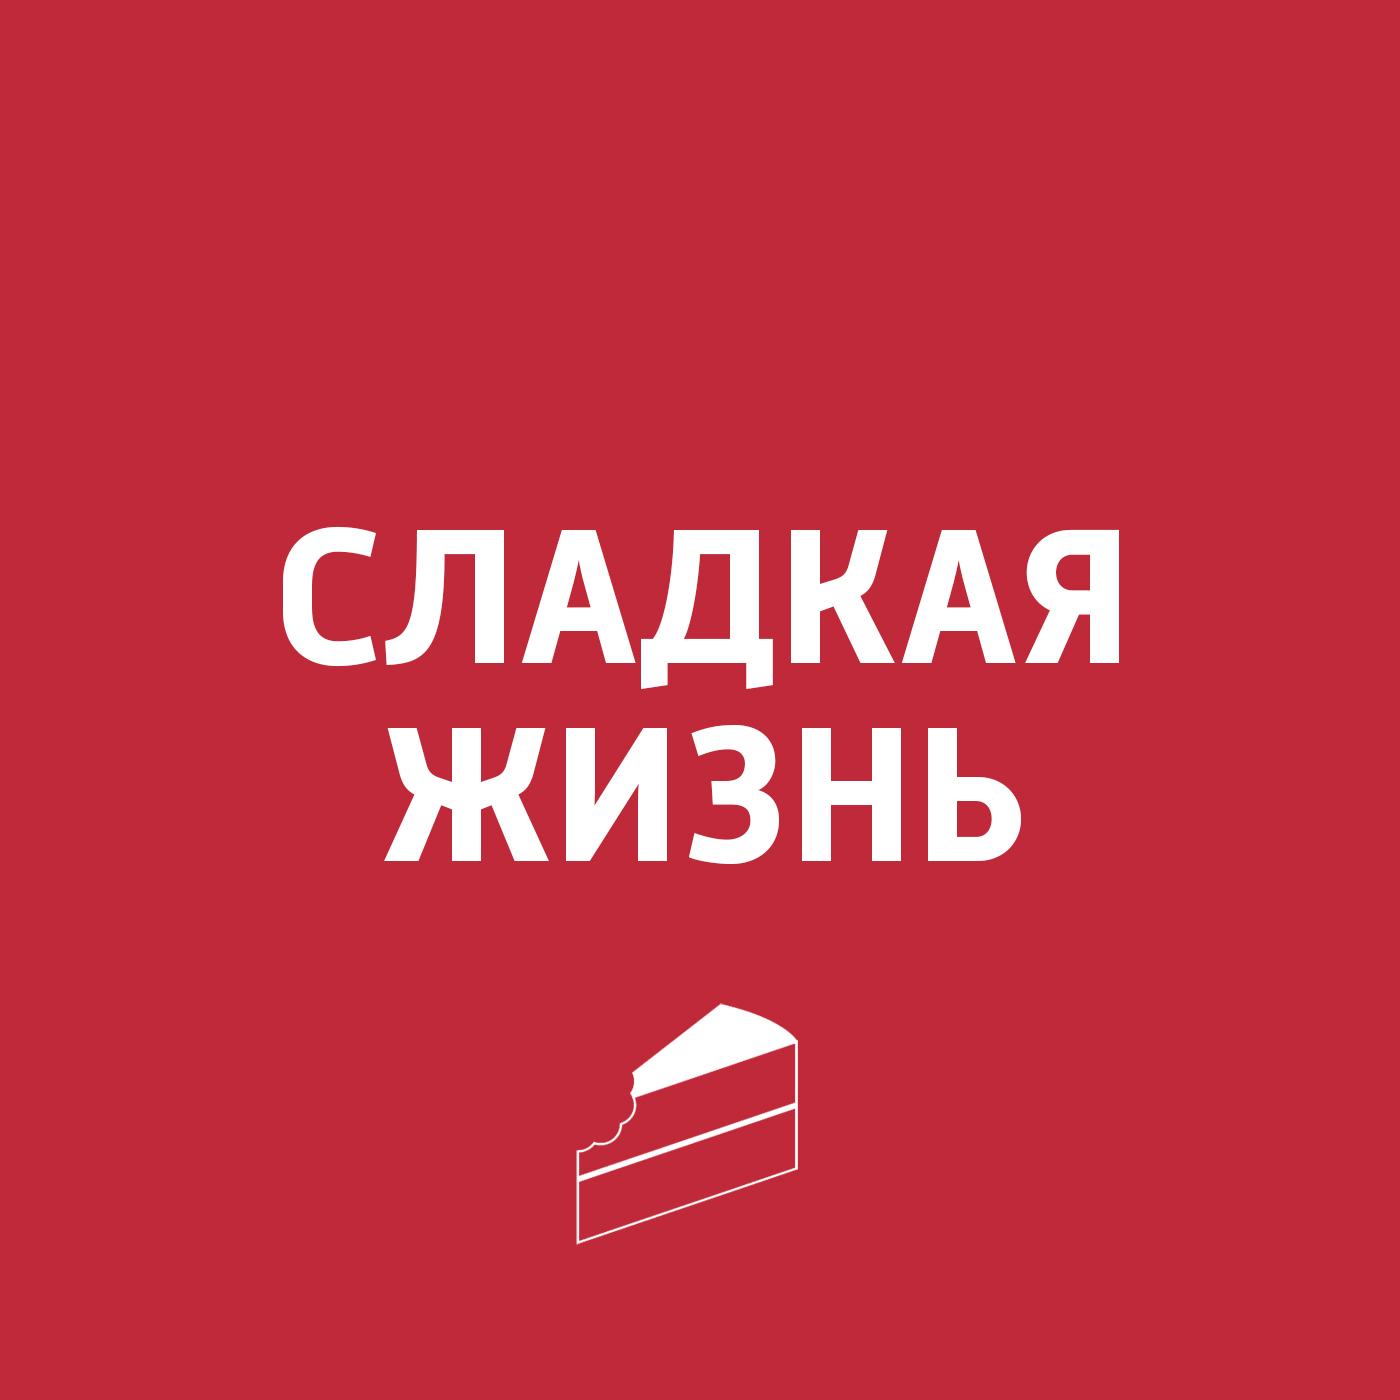 Картаев Павел Гулабджамун картаев павел сырники